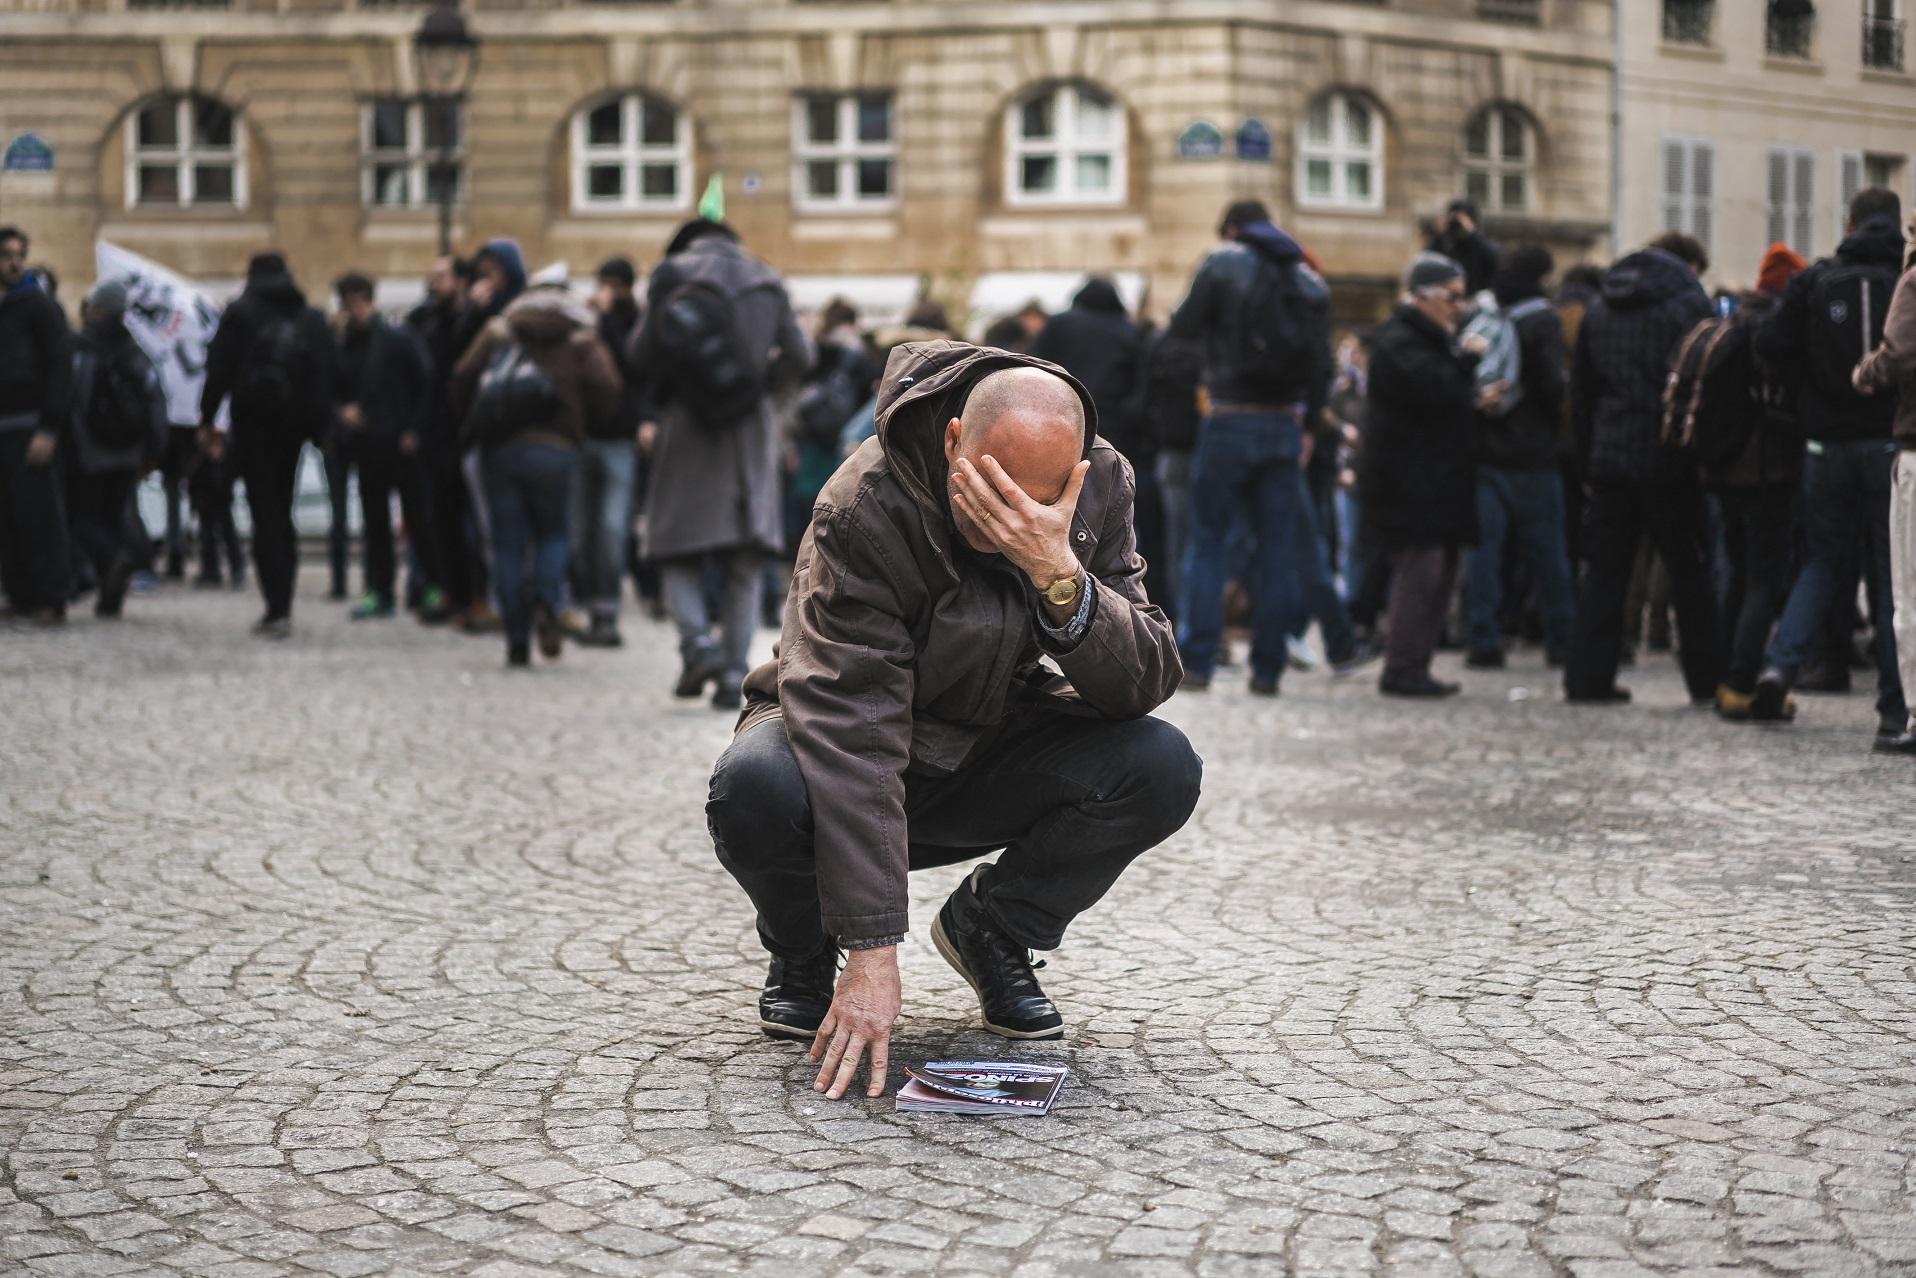 Homem chora após ser atingindo por gás durante uma manifestação contra as reformas trabalhistas na França. Foto de Simon Guillemin/Hans Lucas